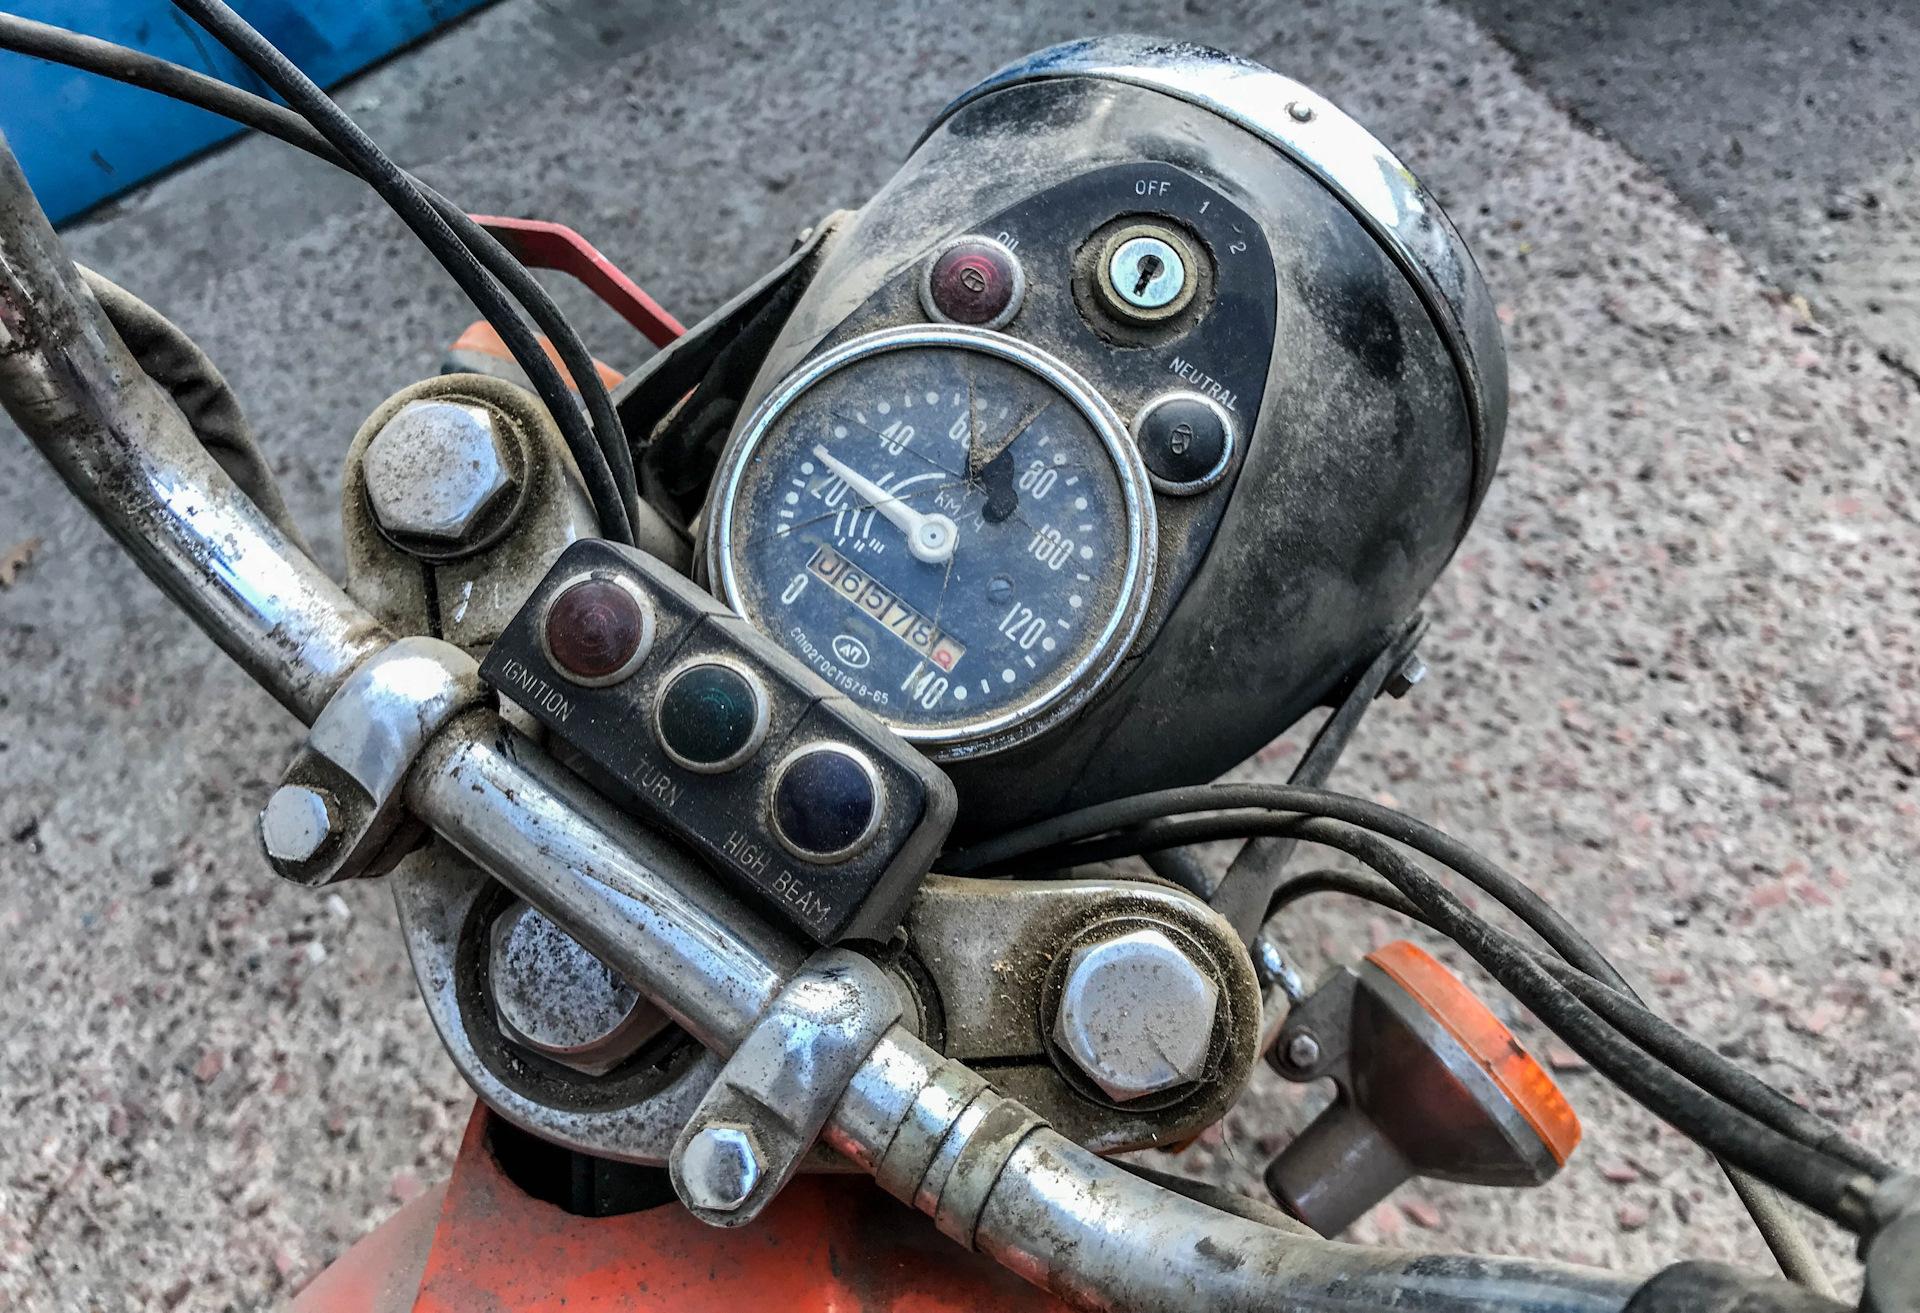 Иж Планета Спорт — эксклюзивный мотоцикл из СССР